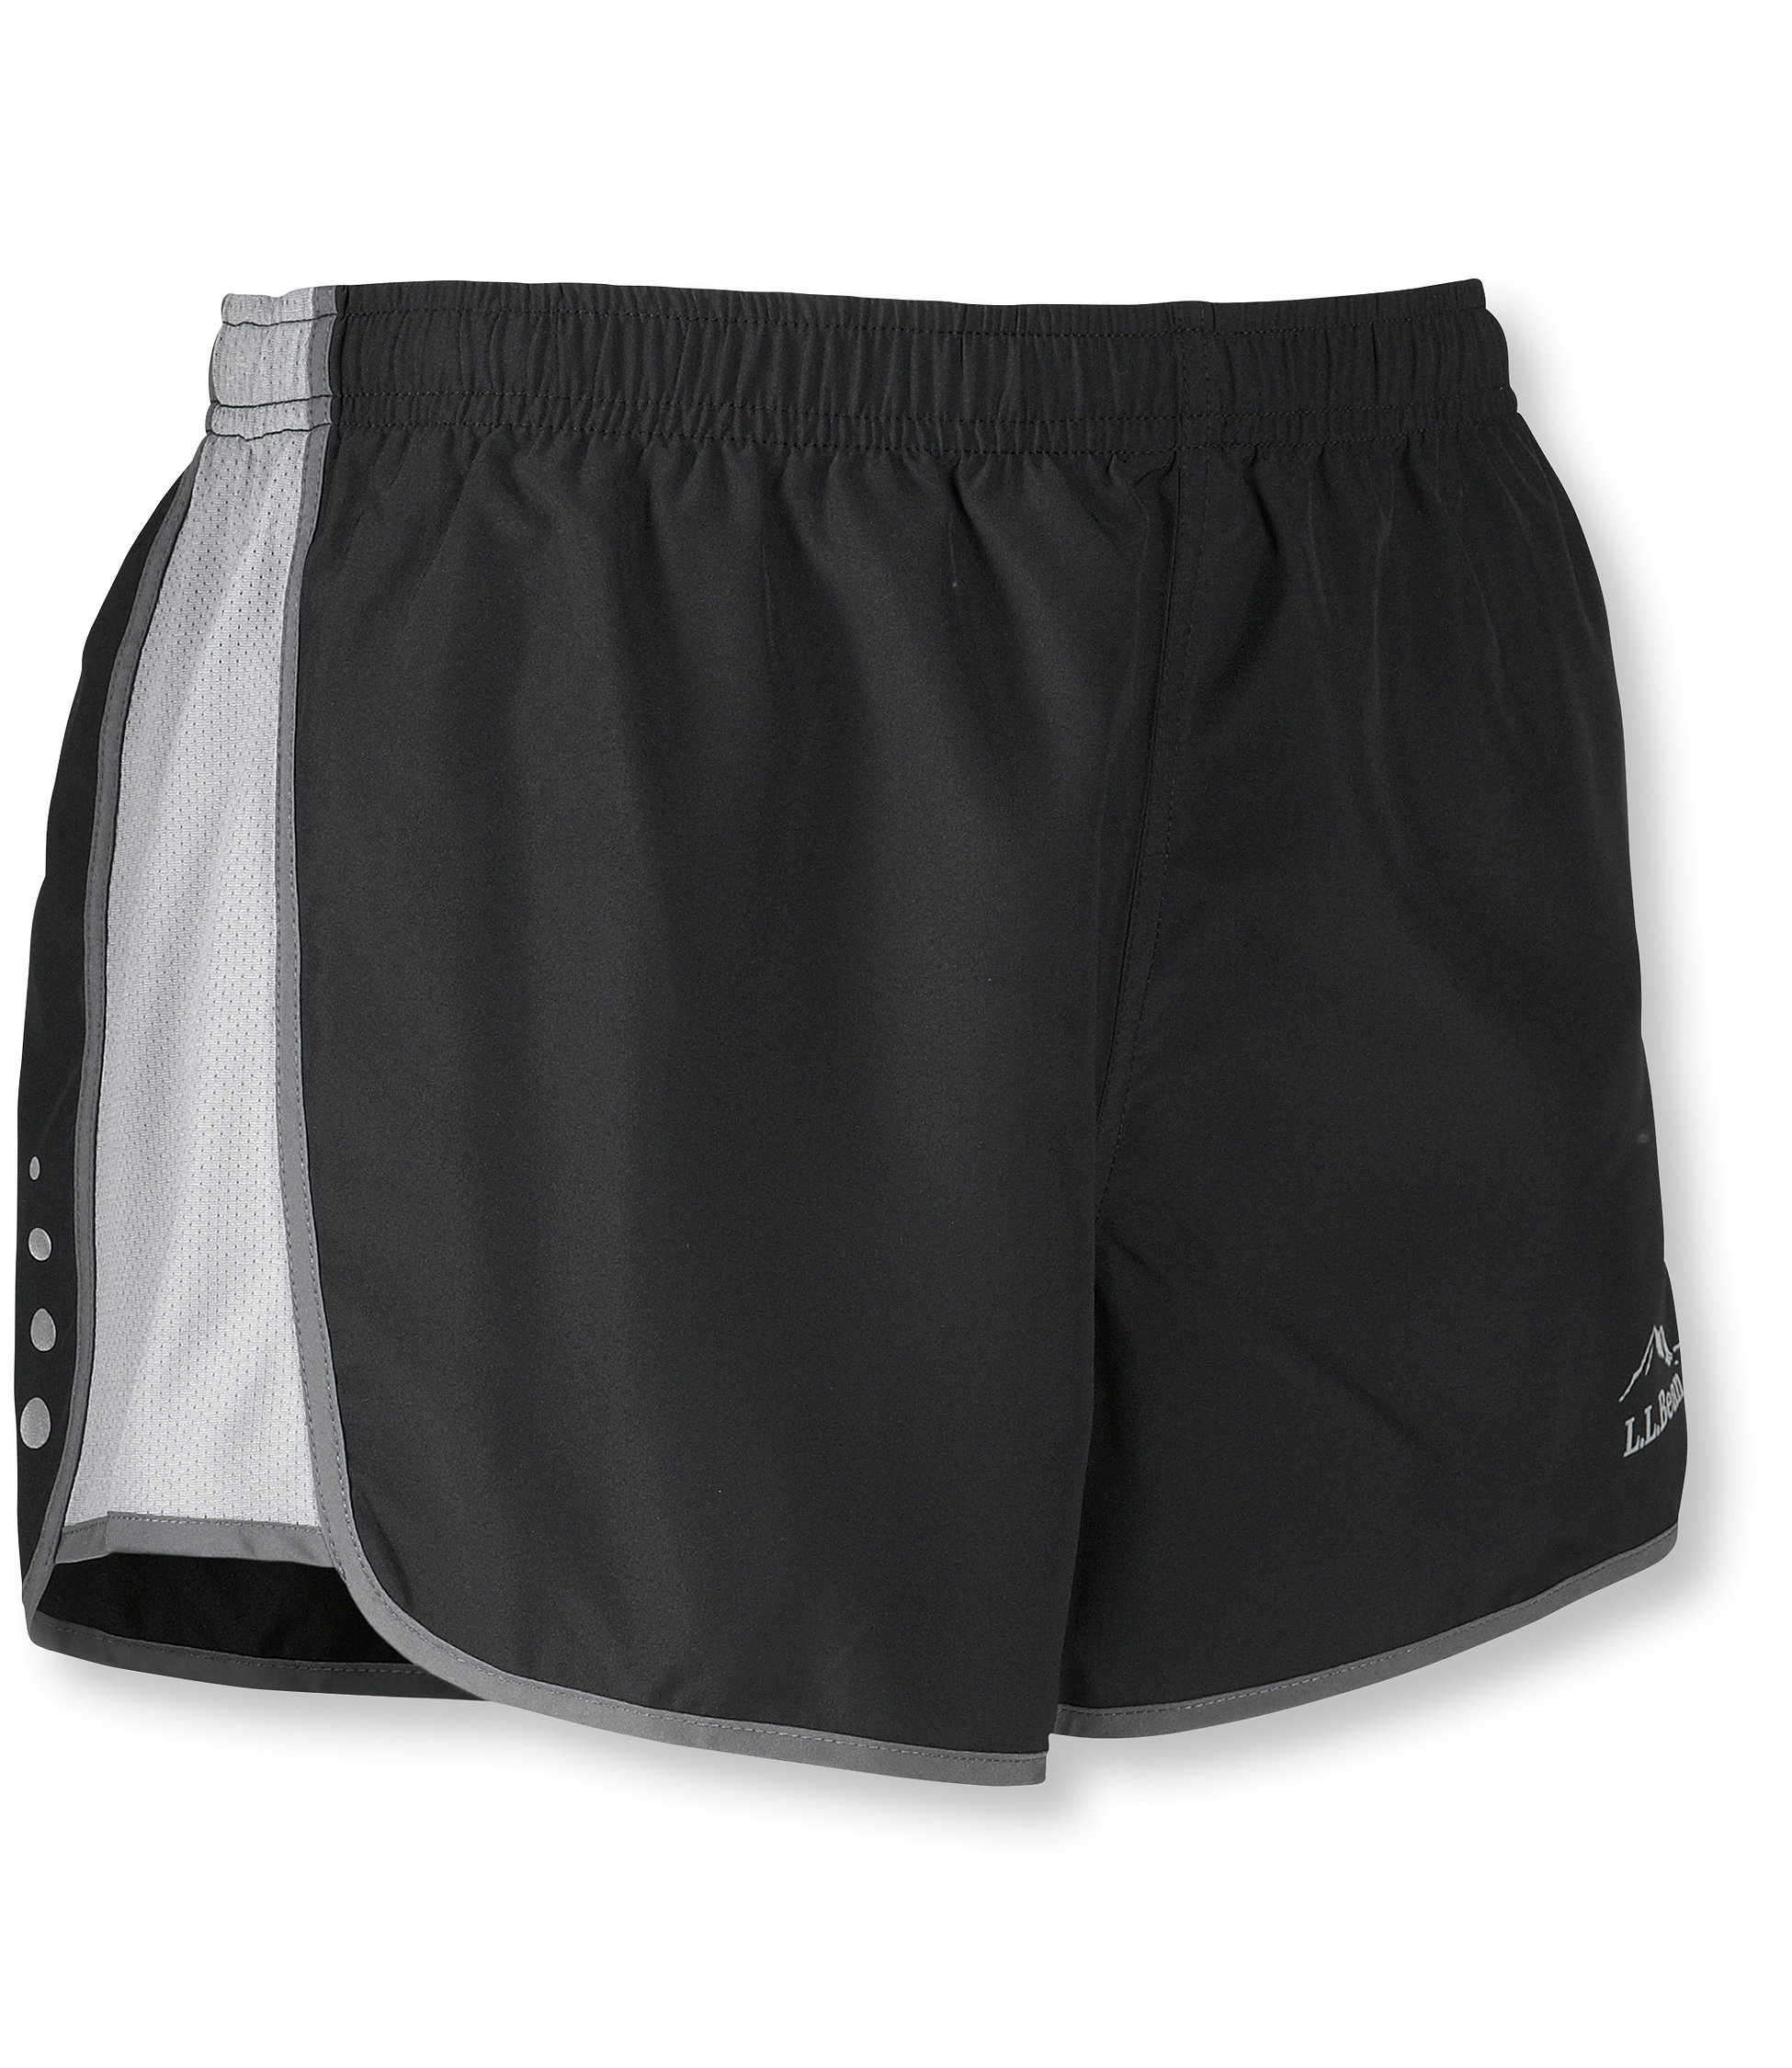 L.L.Bean Pacesetter Running Shorts